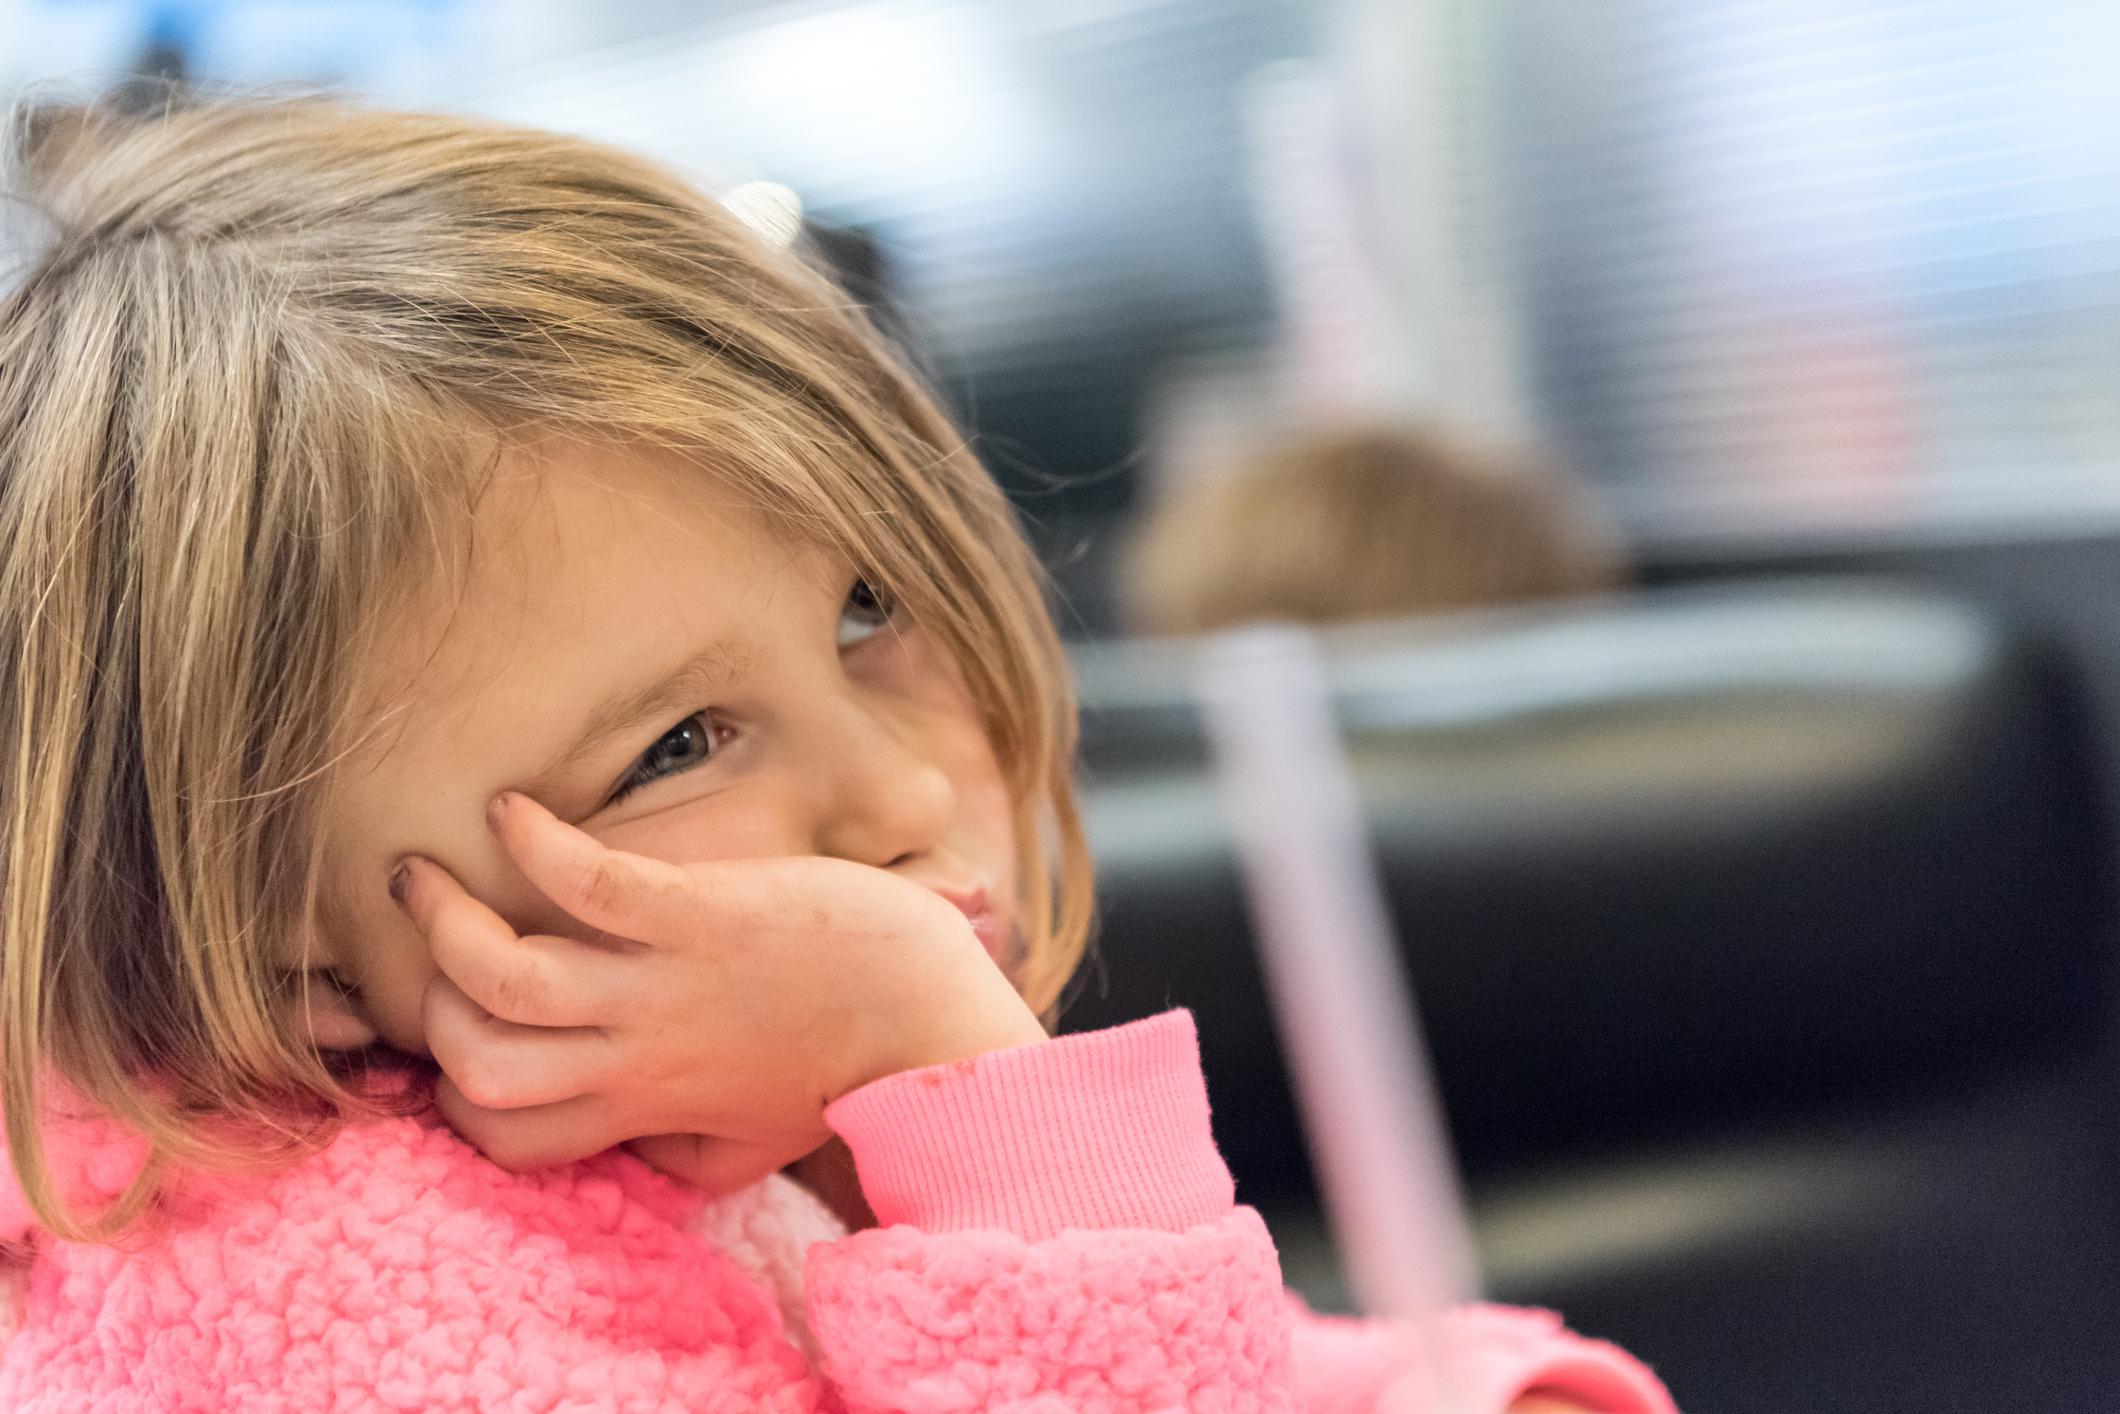 Hình ảnh trẻ em đẹp, đứa bé chống cằm suy tư